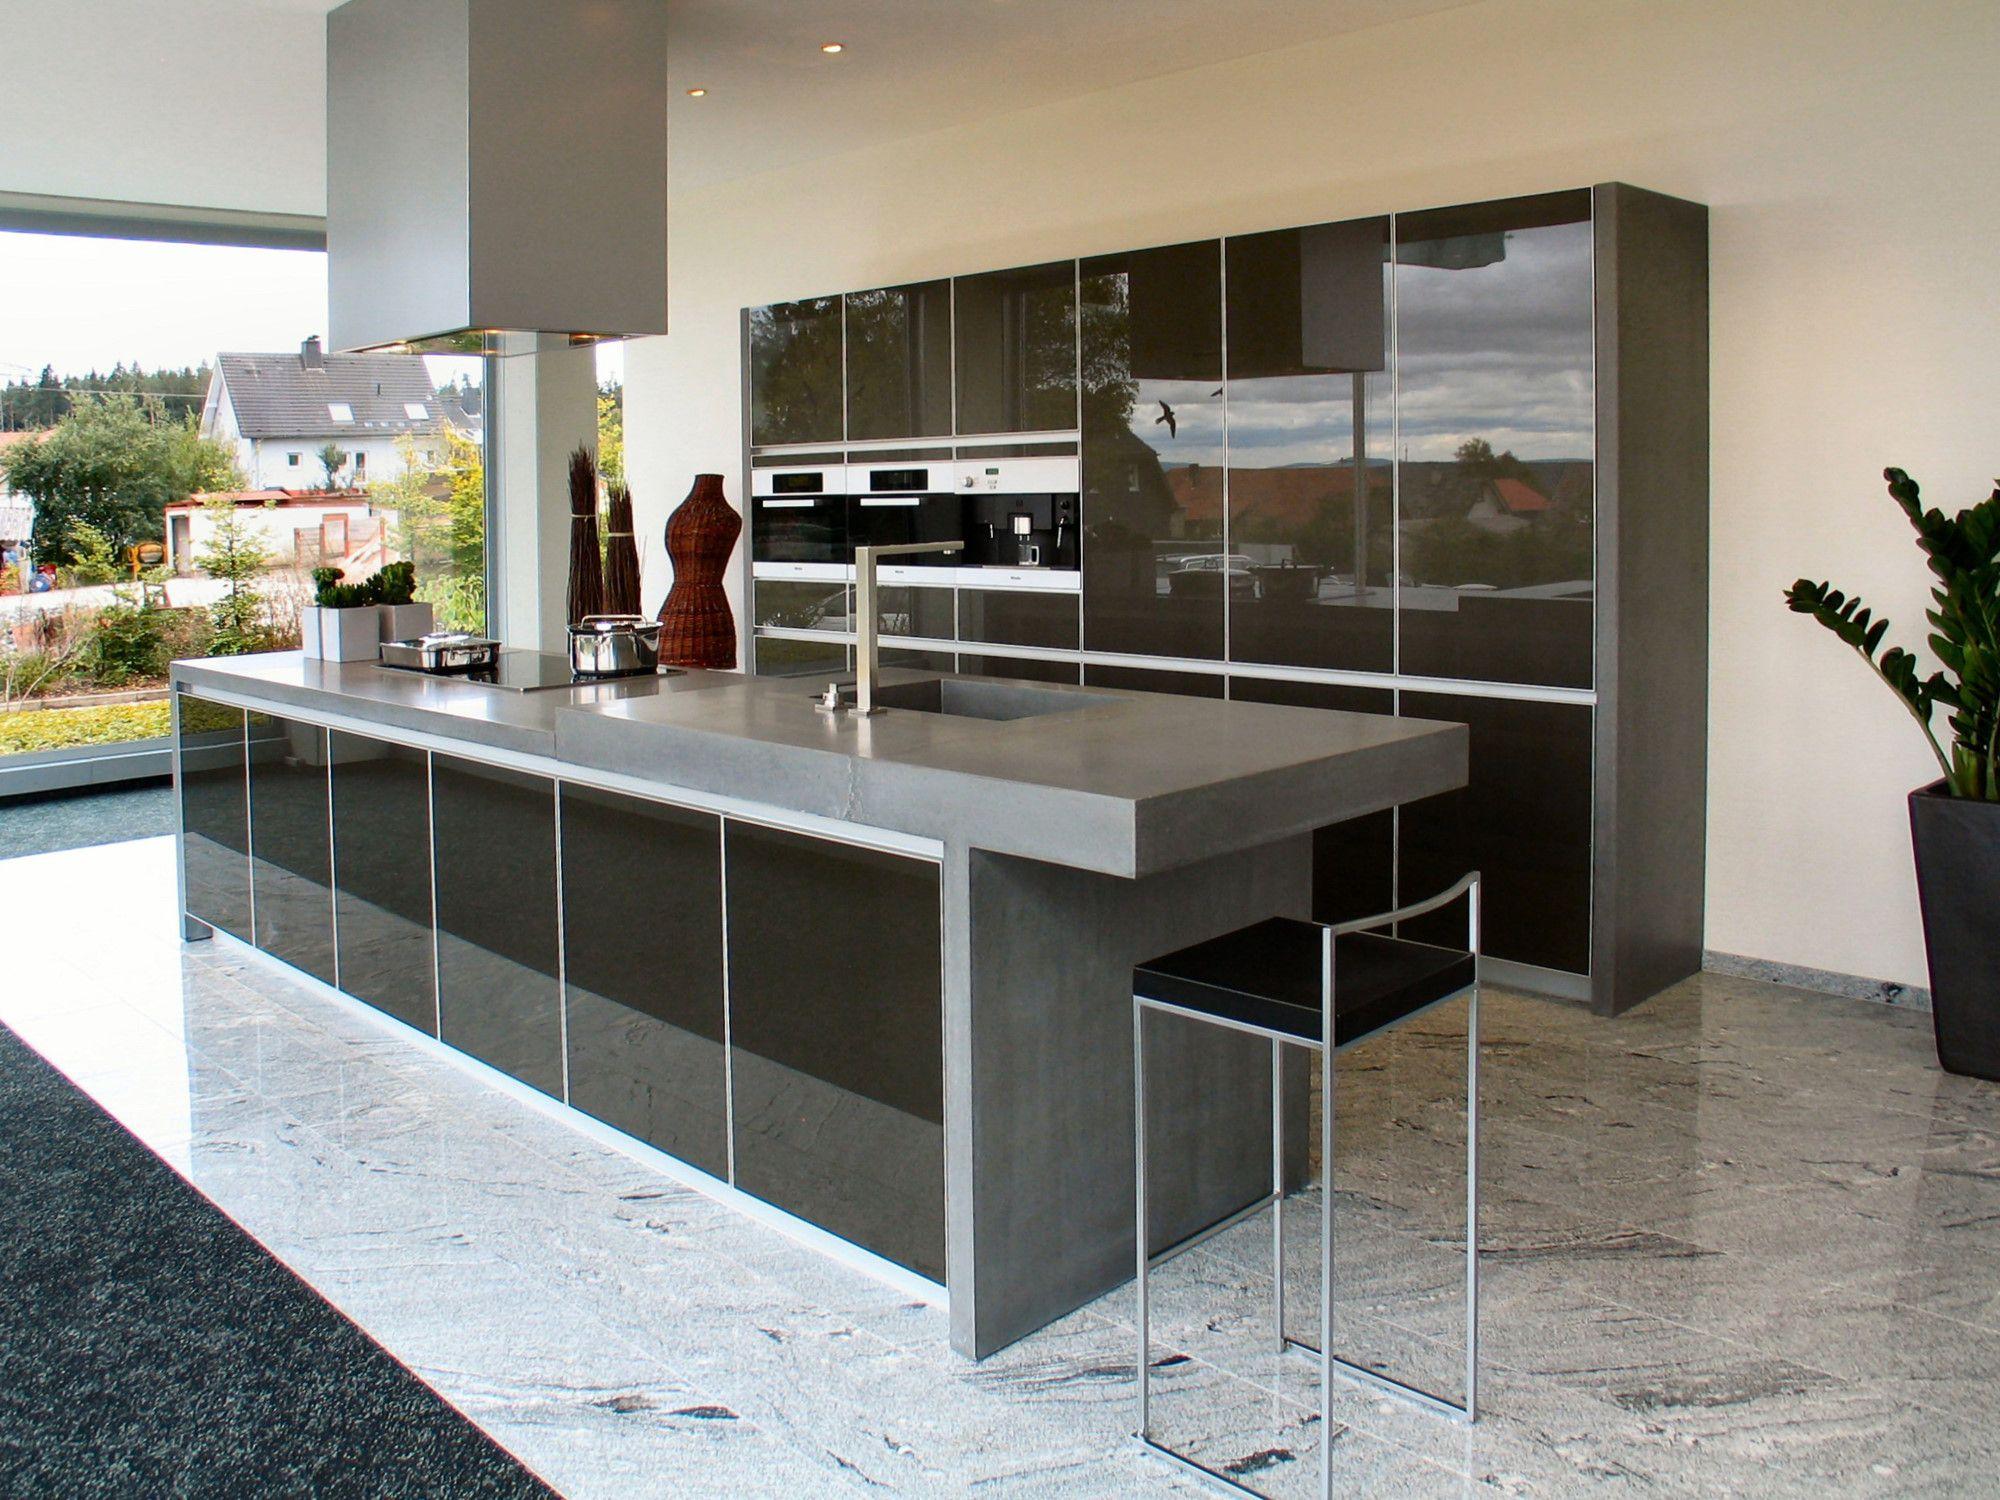 Küchen Erndl ~ Küche kochel erndl küchen design